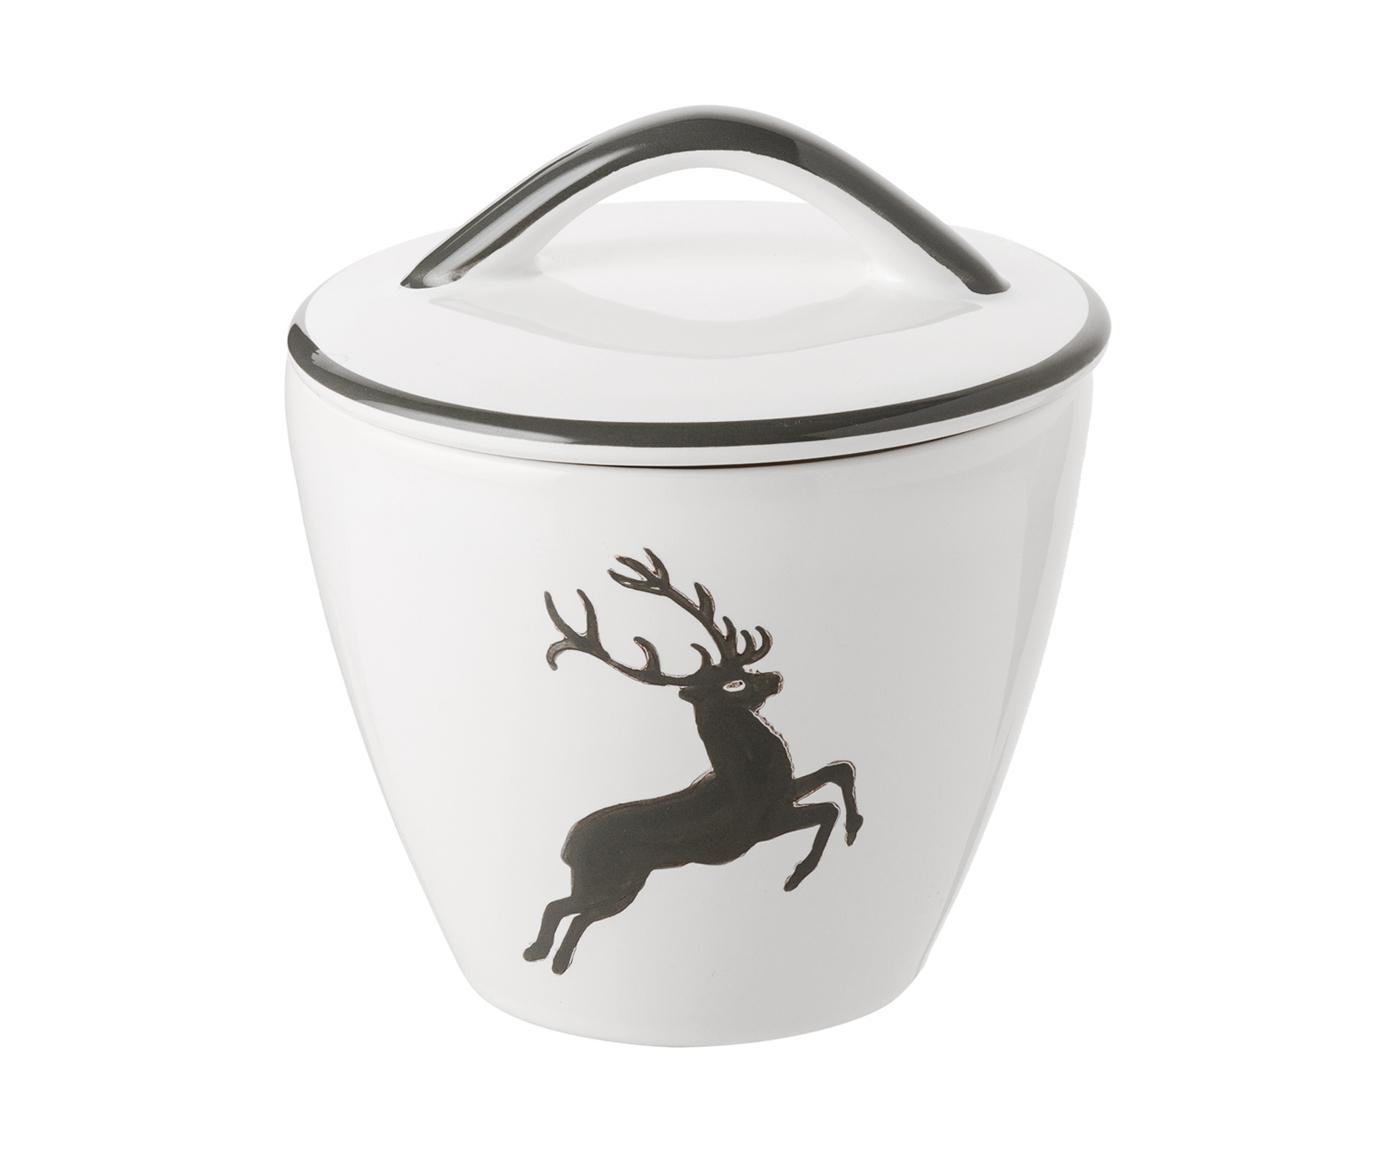 Cukiernica Gourmet Grauer Hirsch, Ceramika, Szary, biały, Ø 9 cm